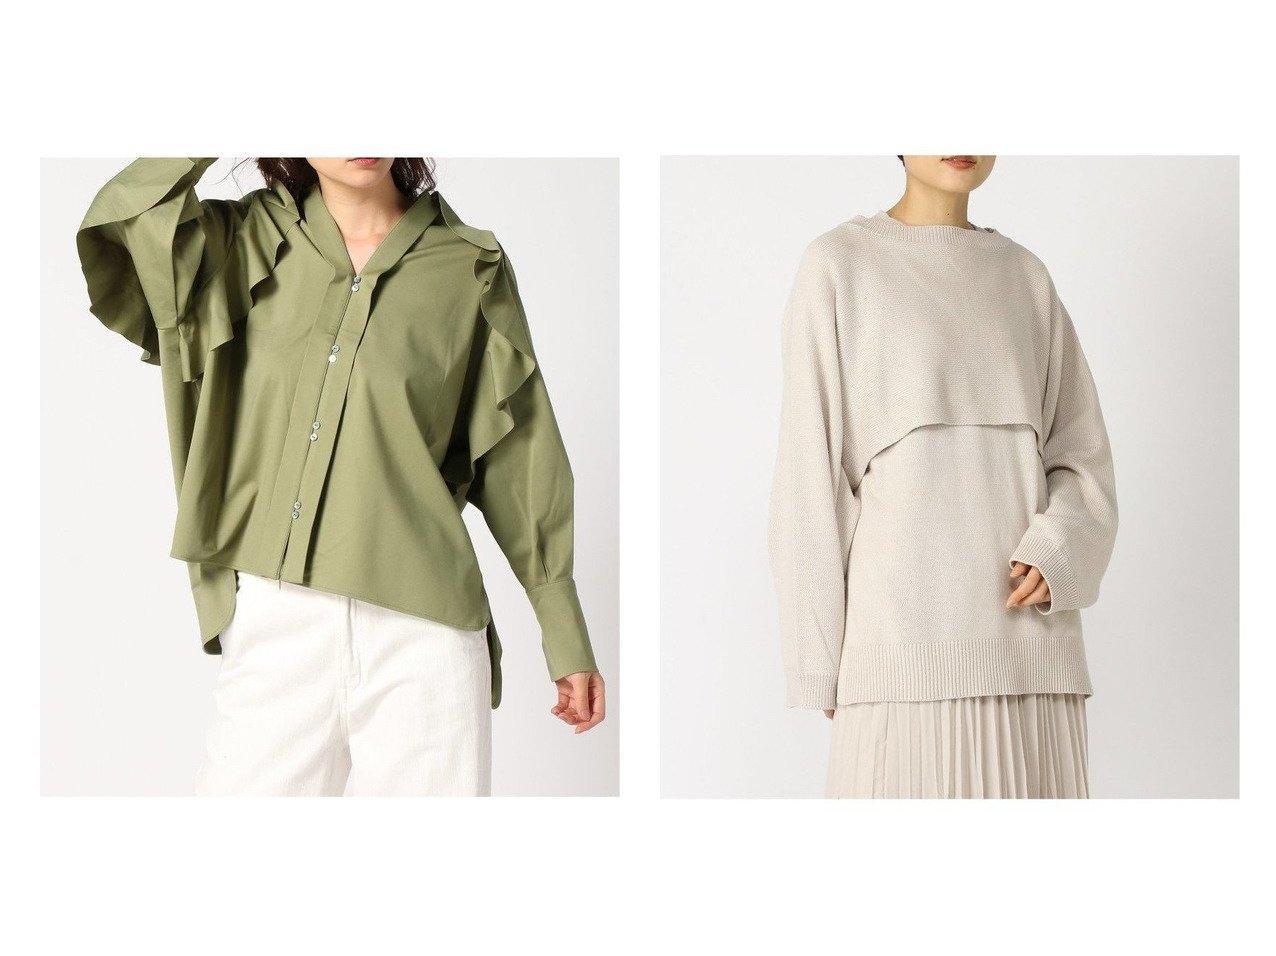 【LOWRYS FARM/ローリーズファーム】の7Gレイヤード2PLS*&【JEANASiS/ジーナシス】のライトポンチフリルBL 【トップス・カットソー】おすすめ!人気、トレンド・レディースファッションの通販 | レディースファッション・服の通販 founy(ファニー)